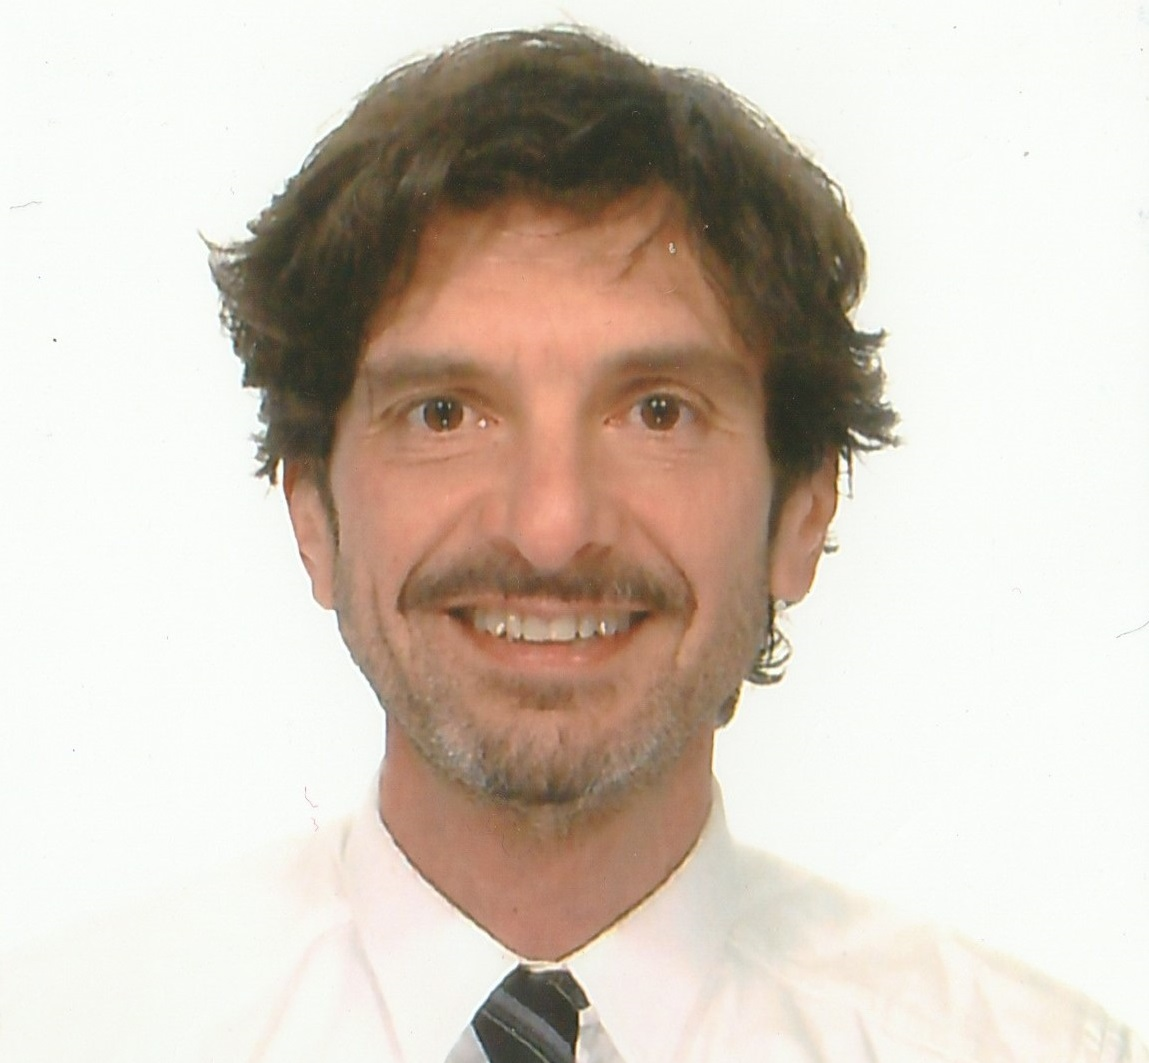 Matteo Papetti